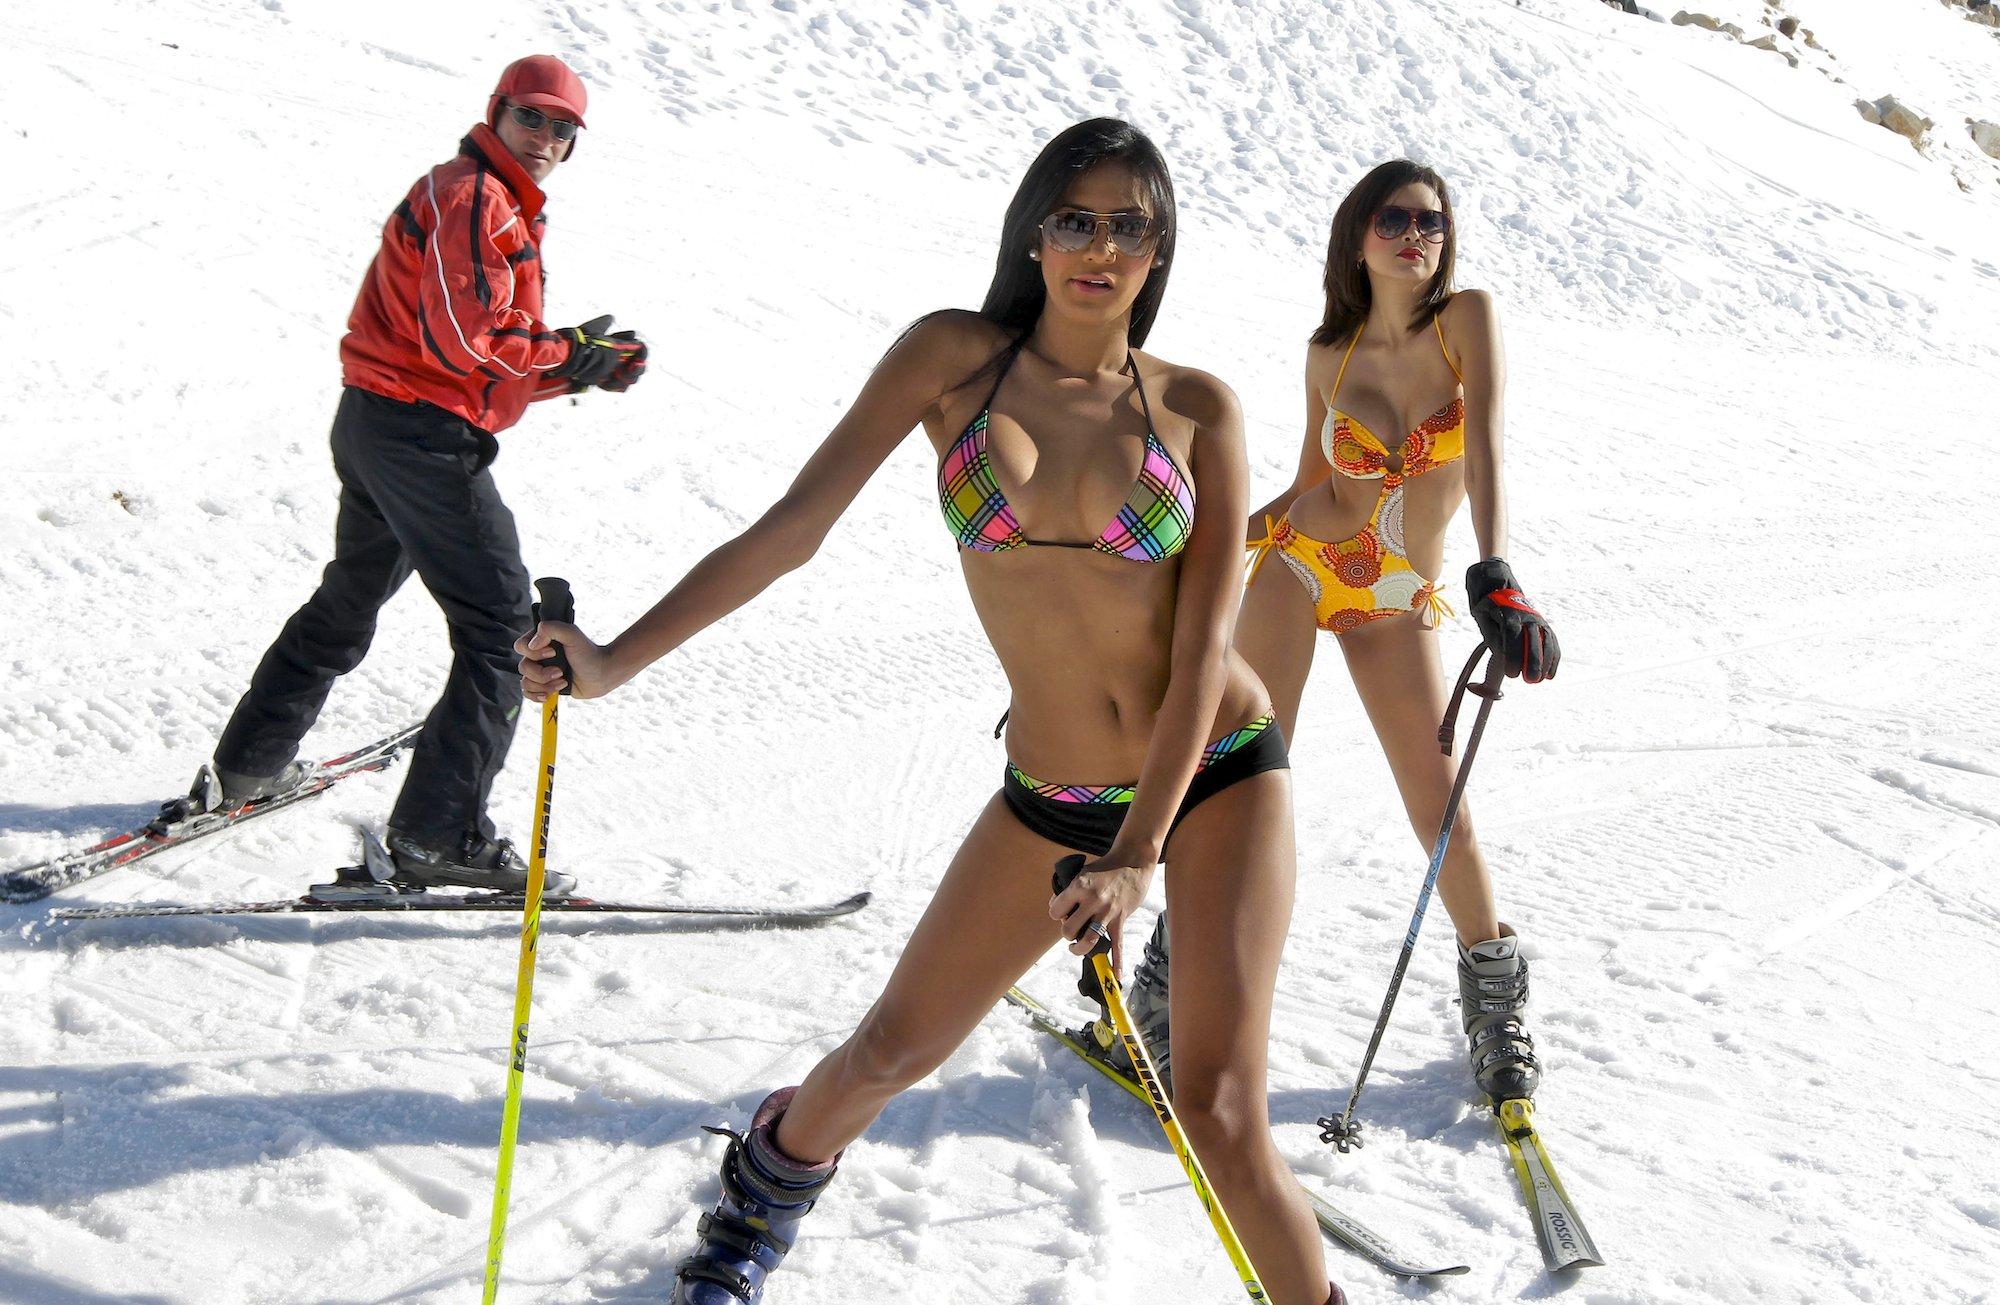 Секс на лыжно курорте 18 фотография